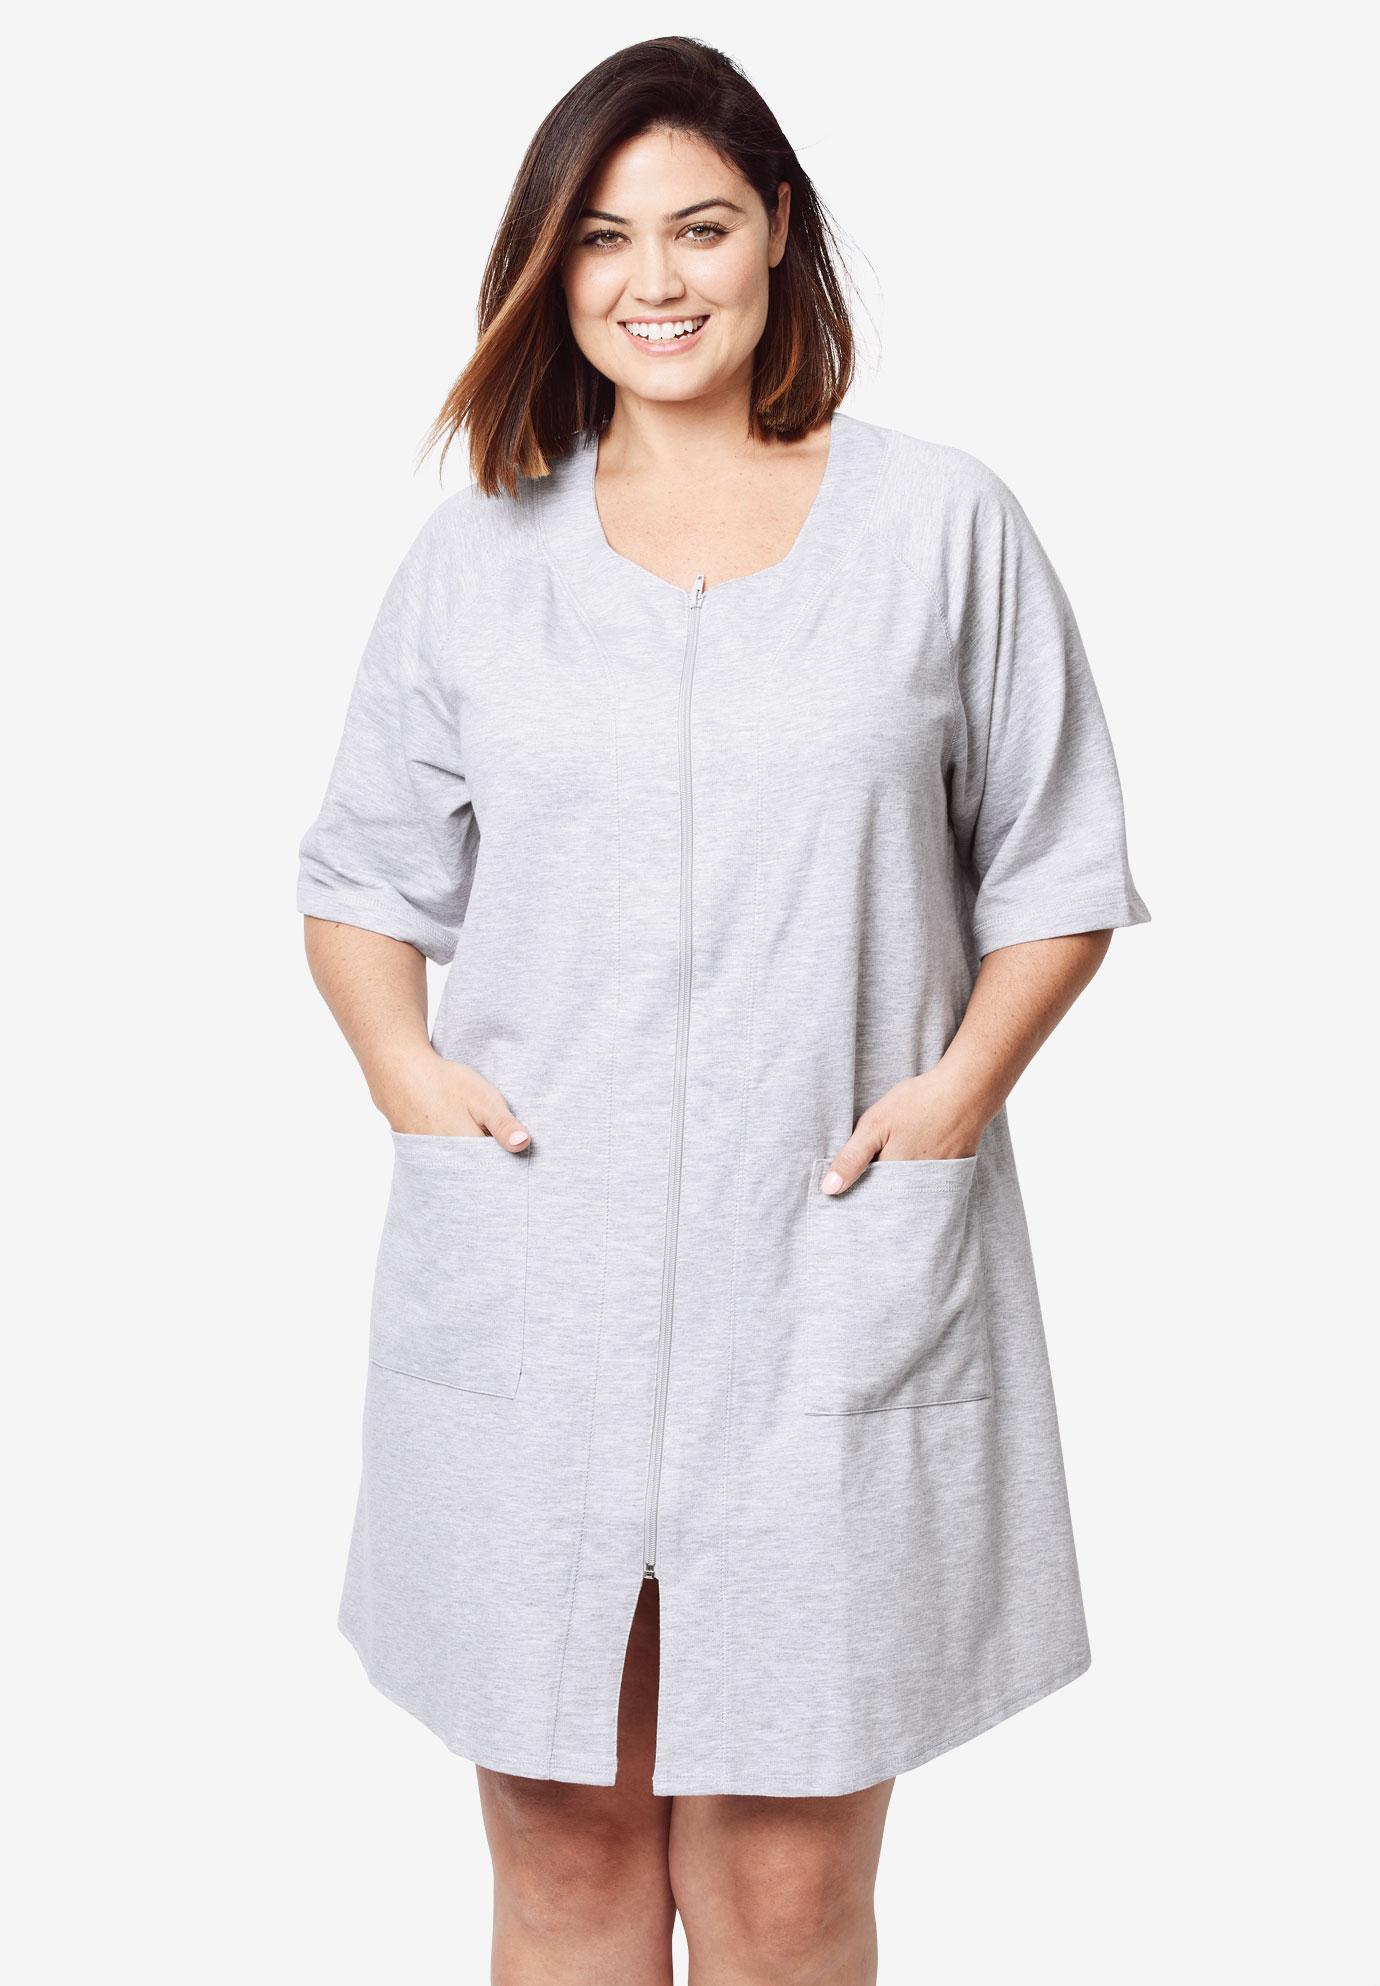 plus size terry robe - Mersn.proforum.co